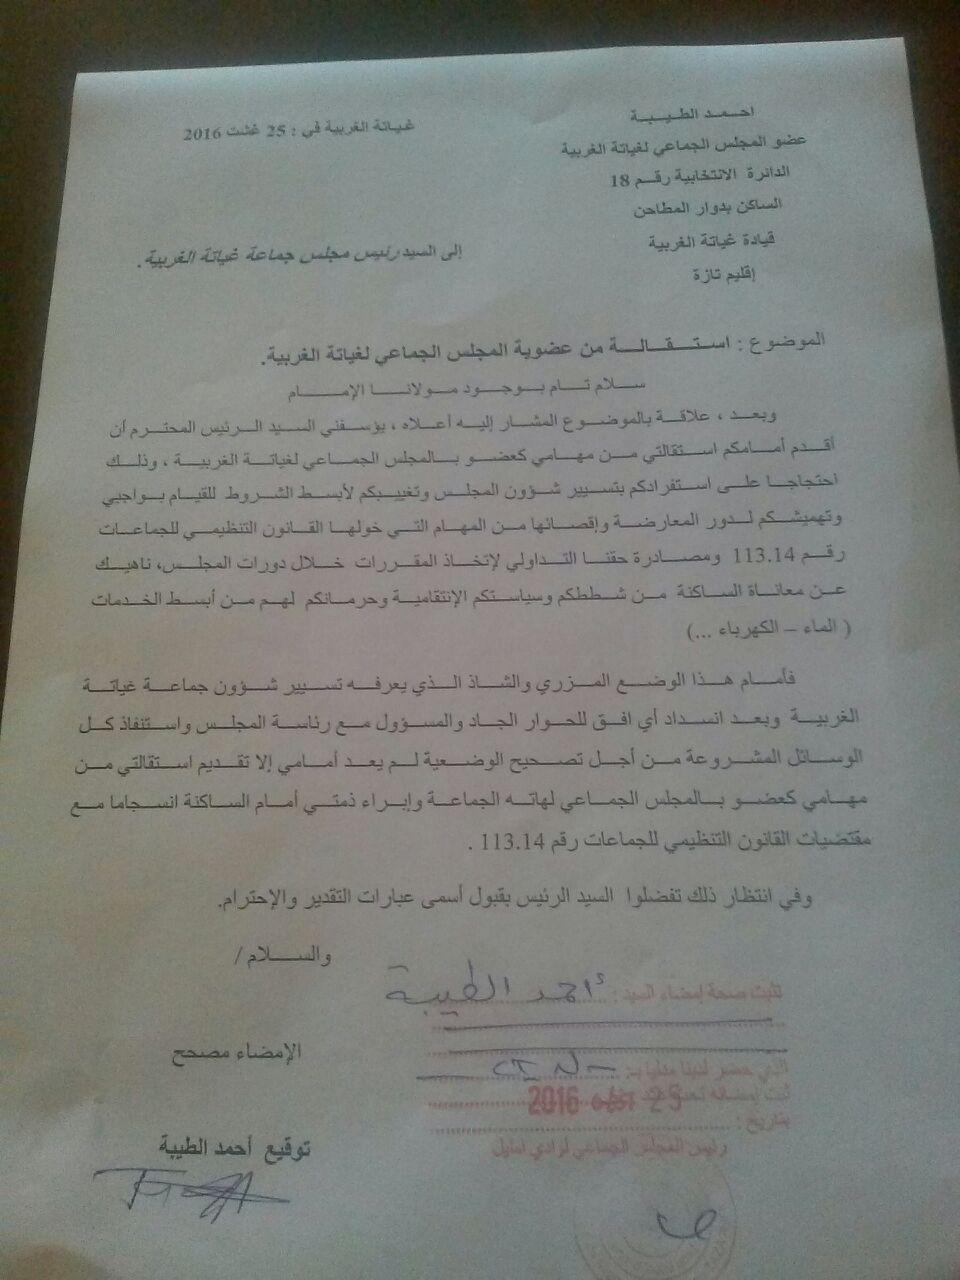 استقالات جماعية من جماعة غياتة الغربية بتازة…بسبب جملة من التجاوزات